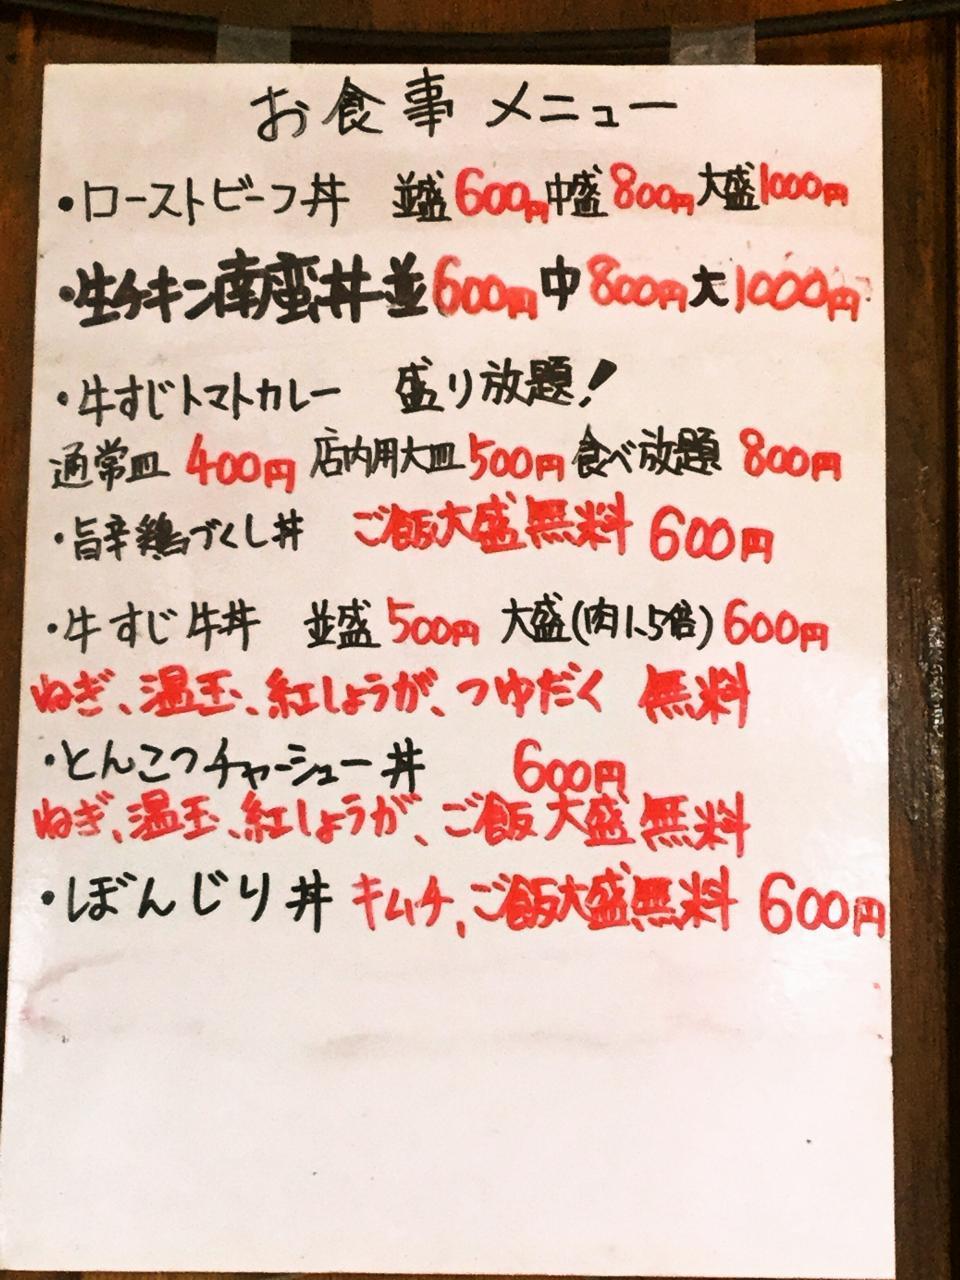 たこ焼き酒場 もんもん(店舗)